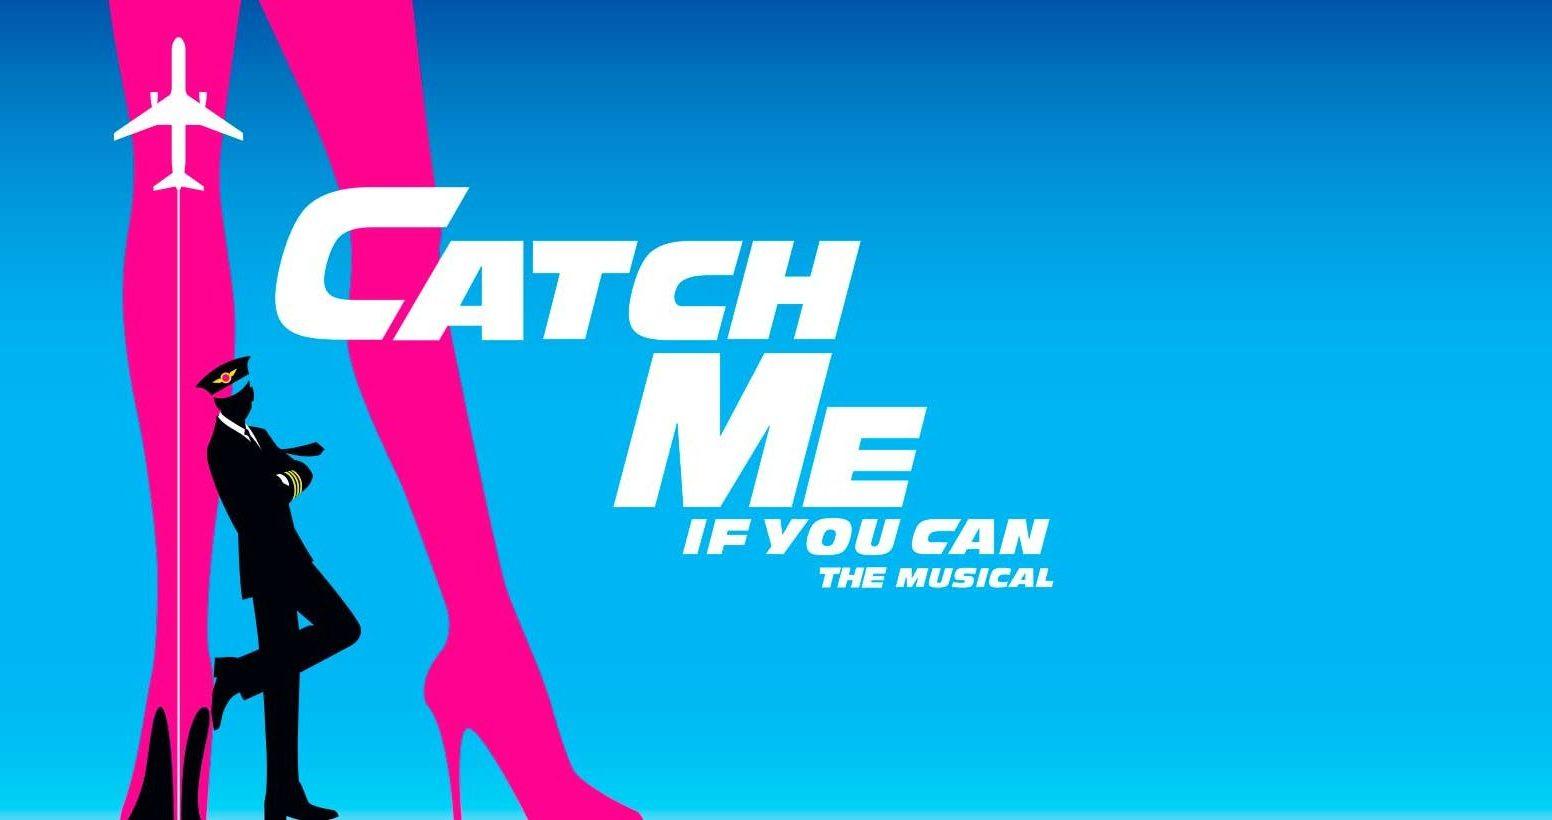 Catch Me Imdb 2019